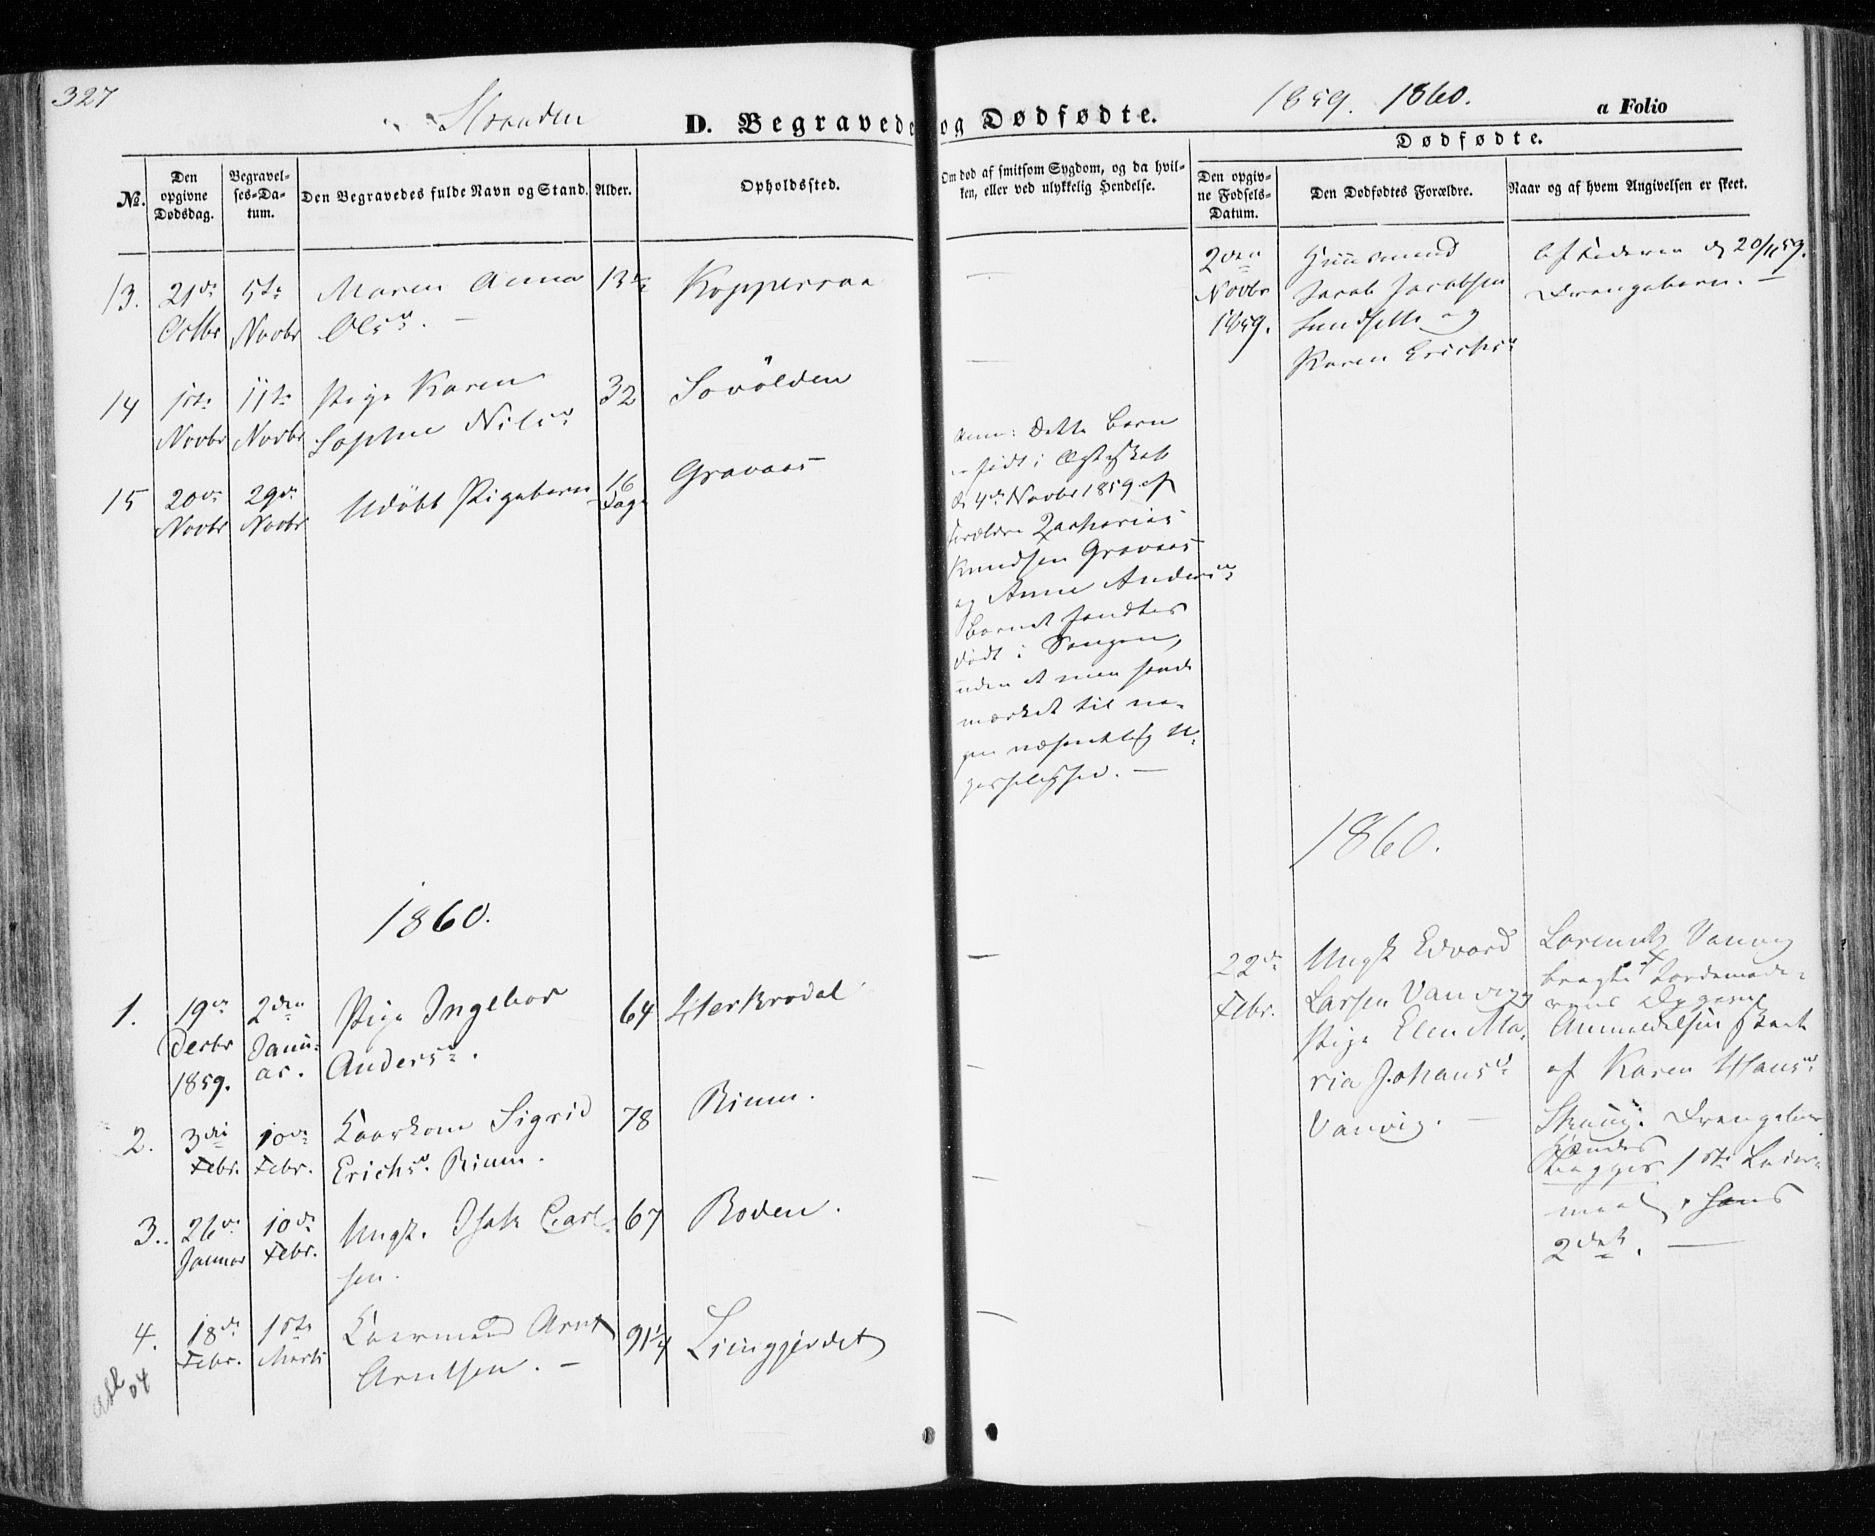 SAT, Ministerialprotokoller, klokkerbøker og fødselsregistre - Nord-Trøndelag, 701/L0008: Ministerialbok nr. 701A08 /2, 1854-1863, s. 327